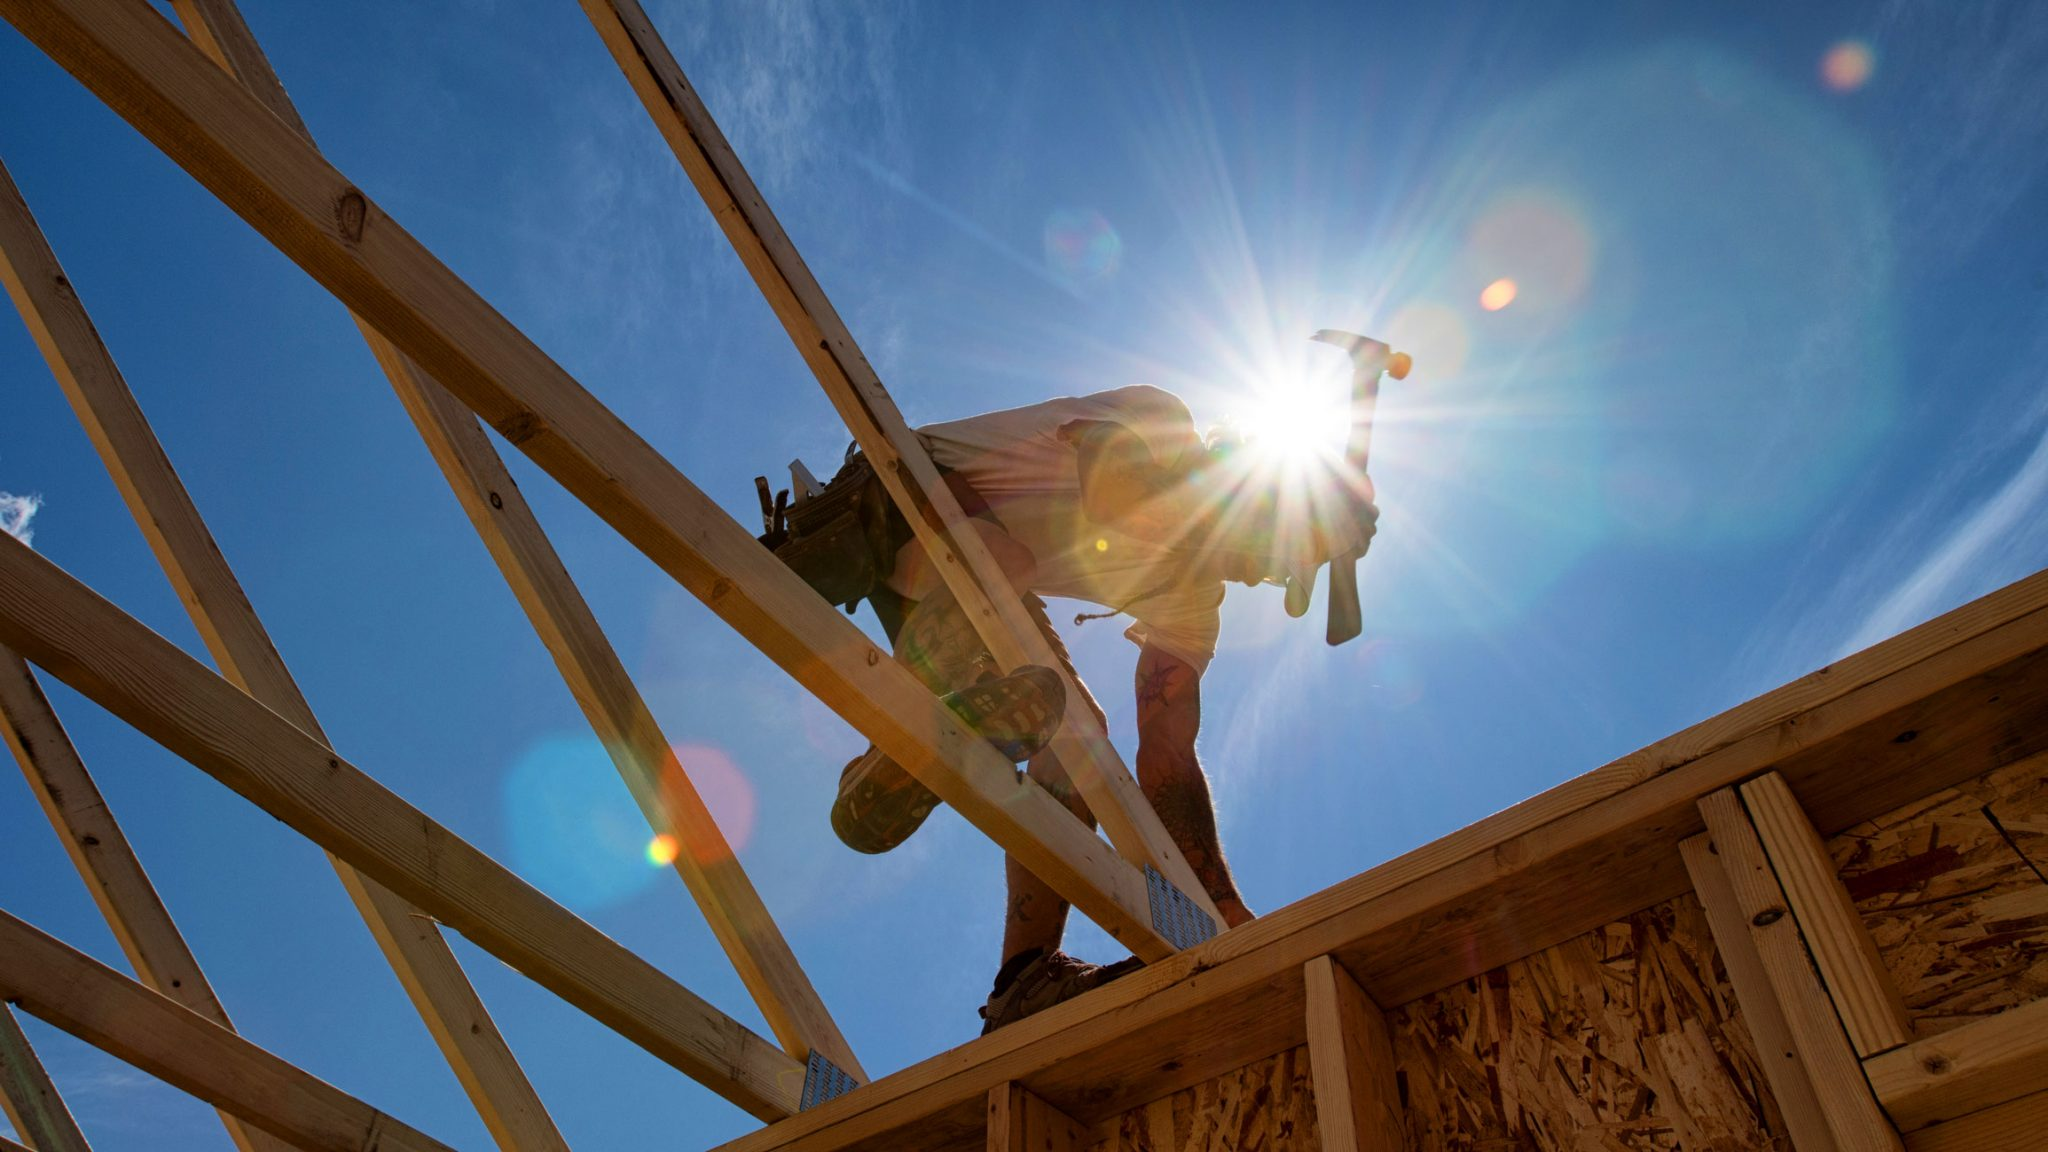 Construire son chalet en bois rond : découvrez les étapes-clés!